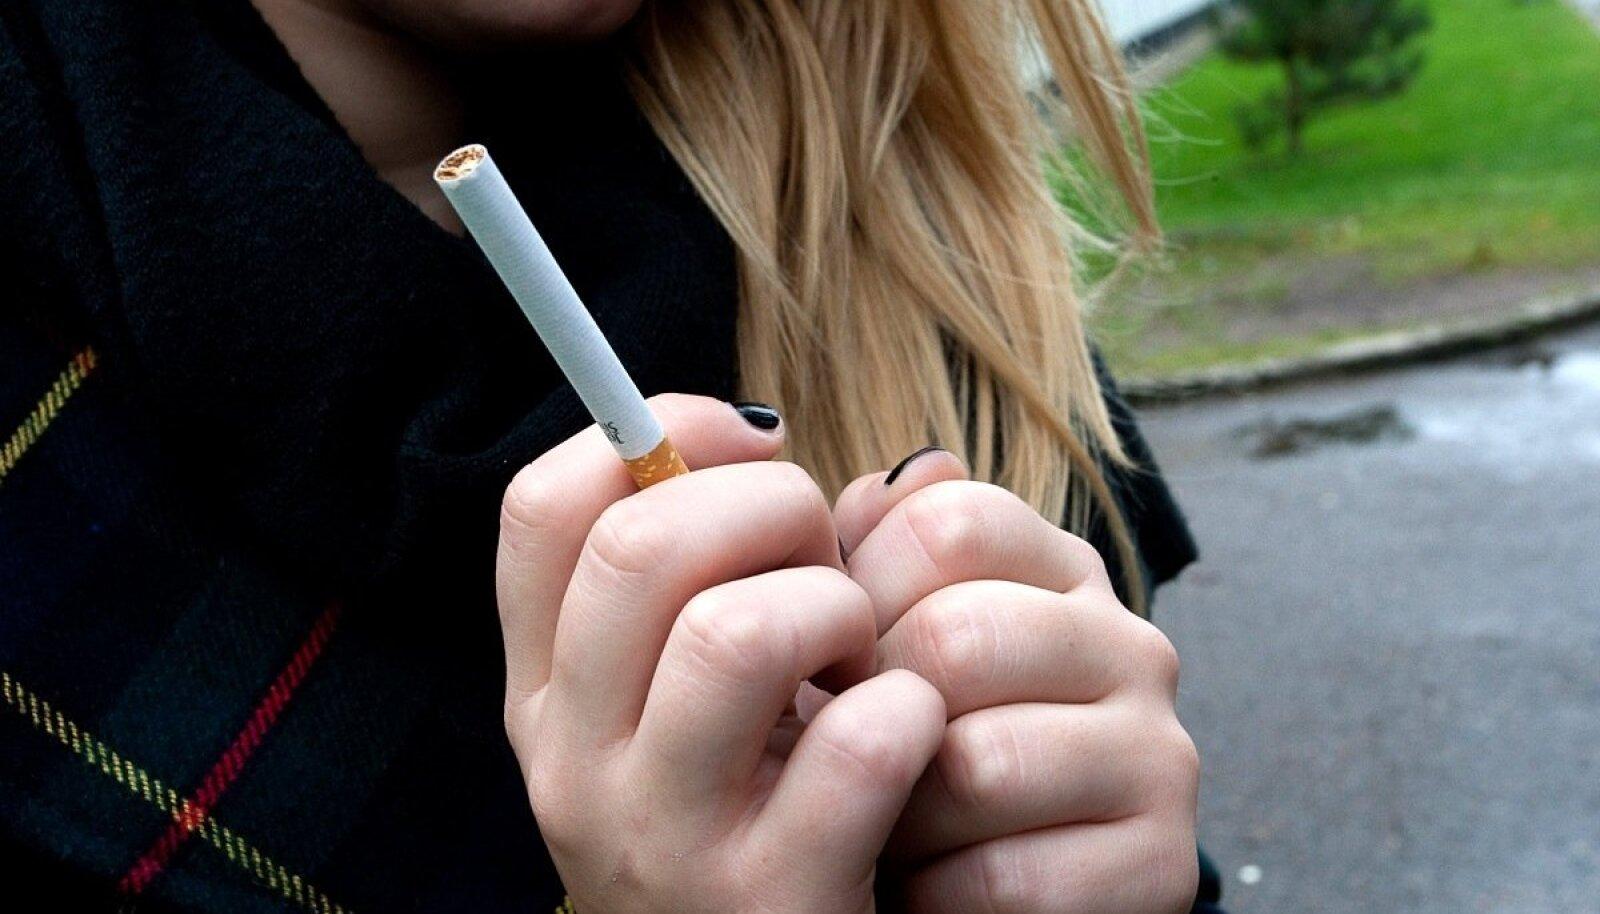 что если купить сигареты для подростка